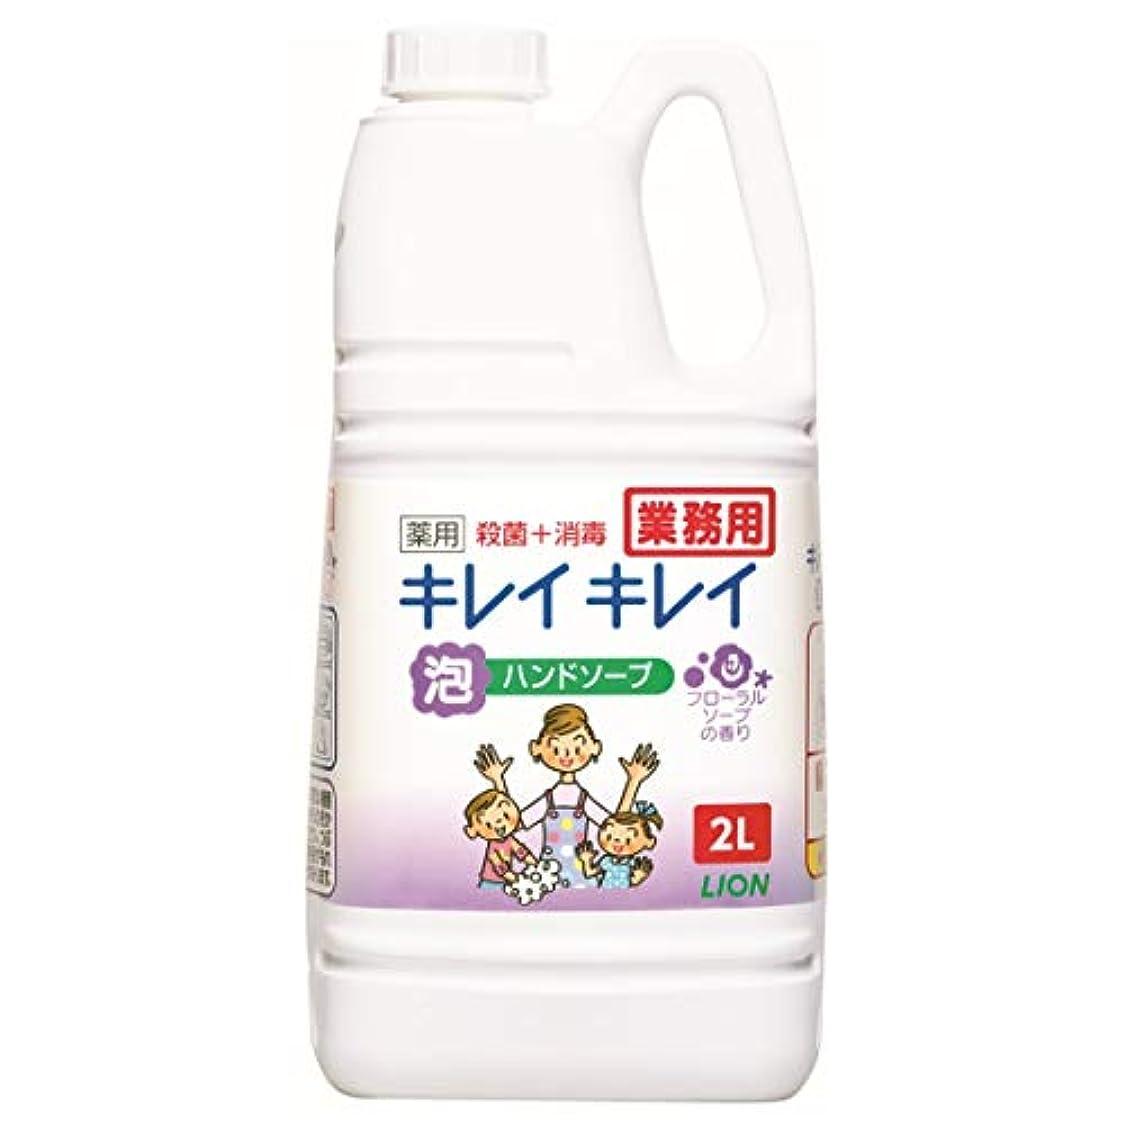 ペルセウス桃ホット【大容量】キレイキレイ 薬用泡ハンドソープ フローラルソープの香り 2L